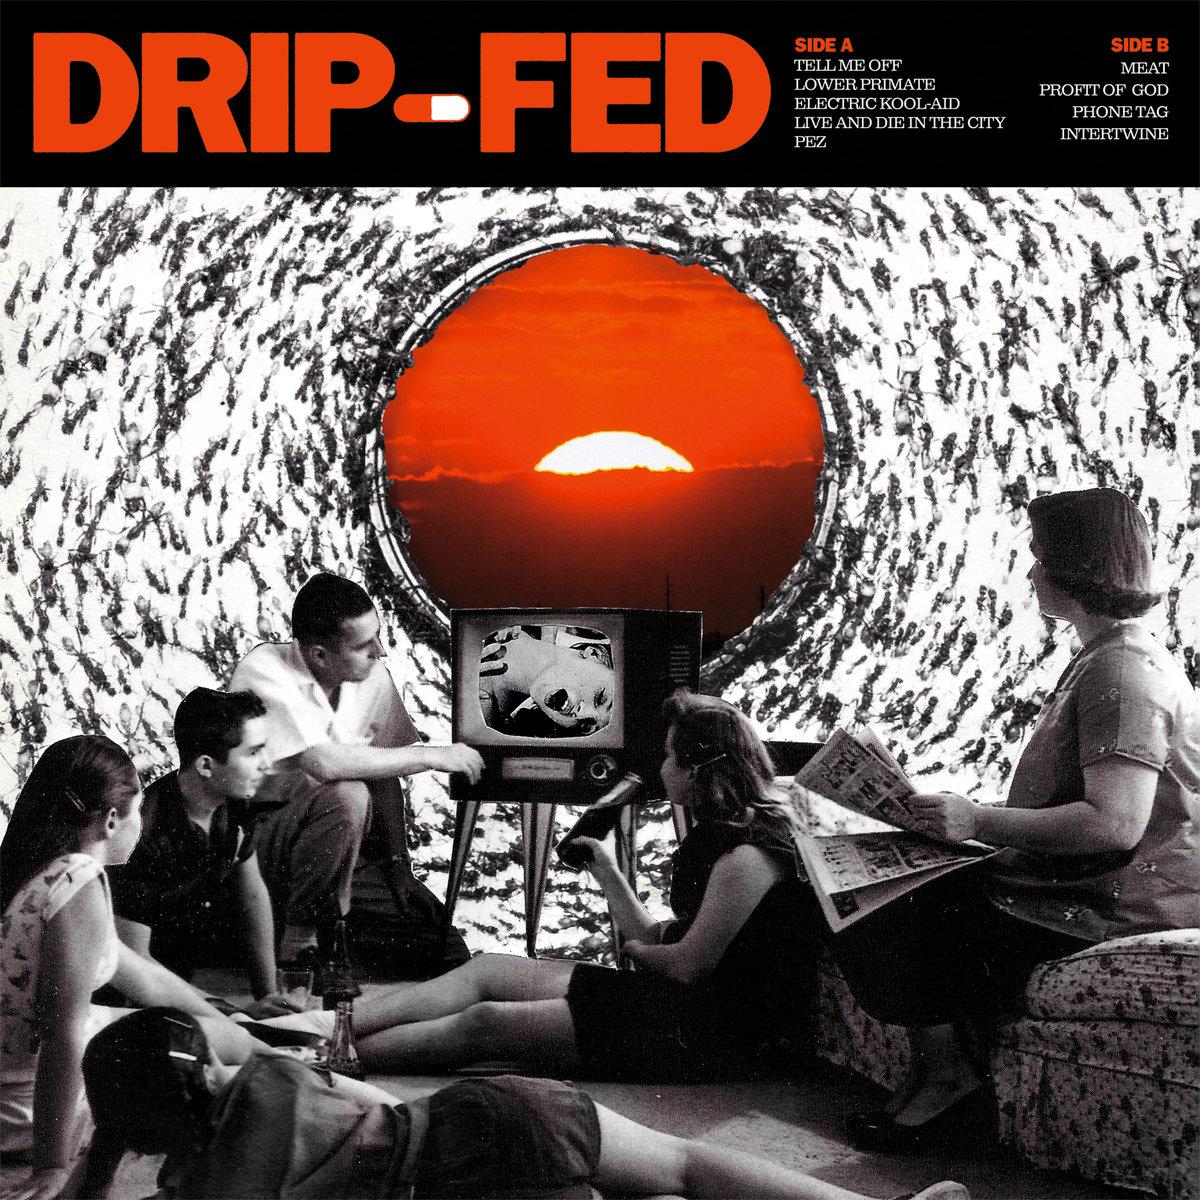 Drip Fed Full Length.jpg